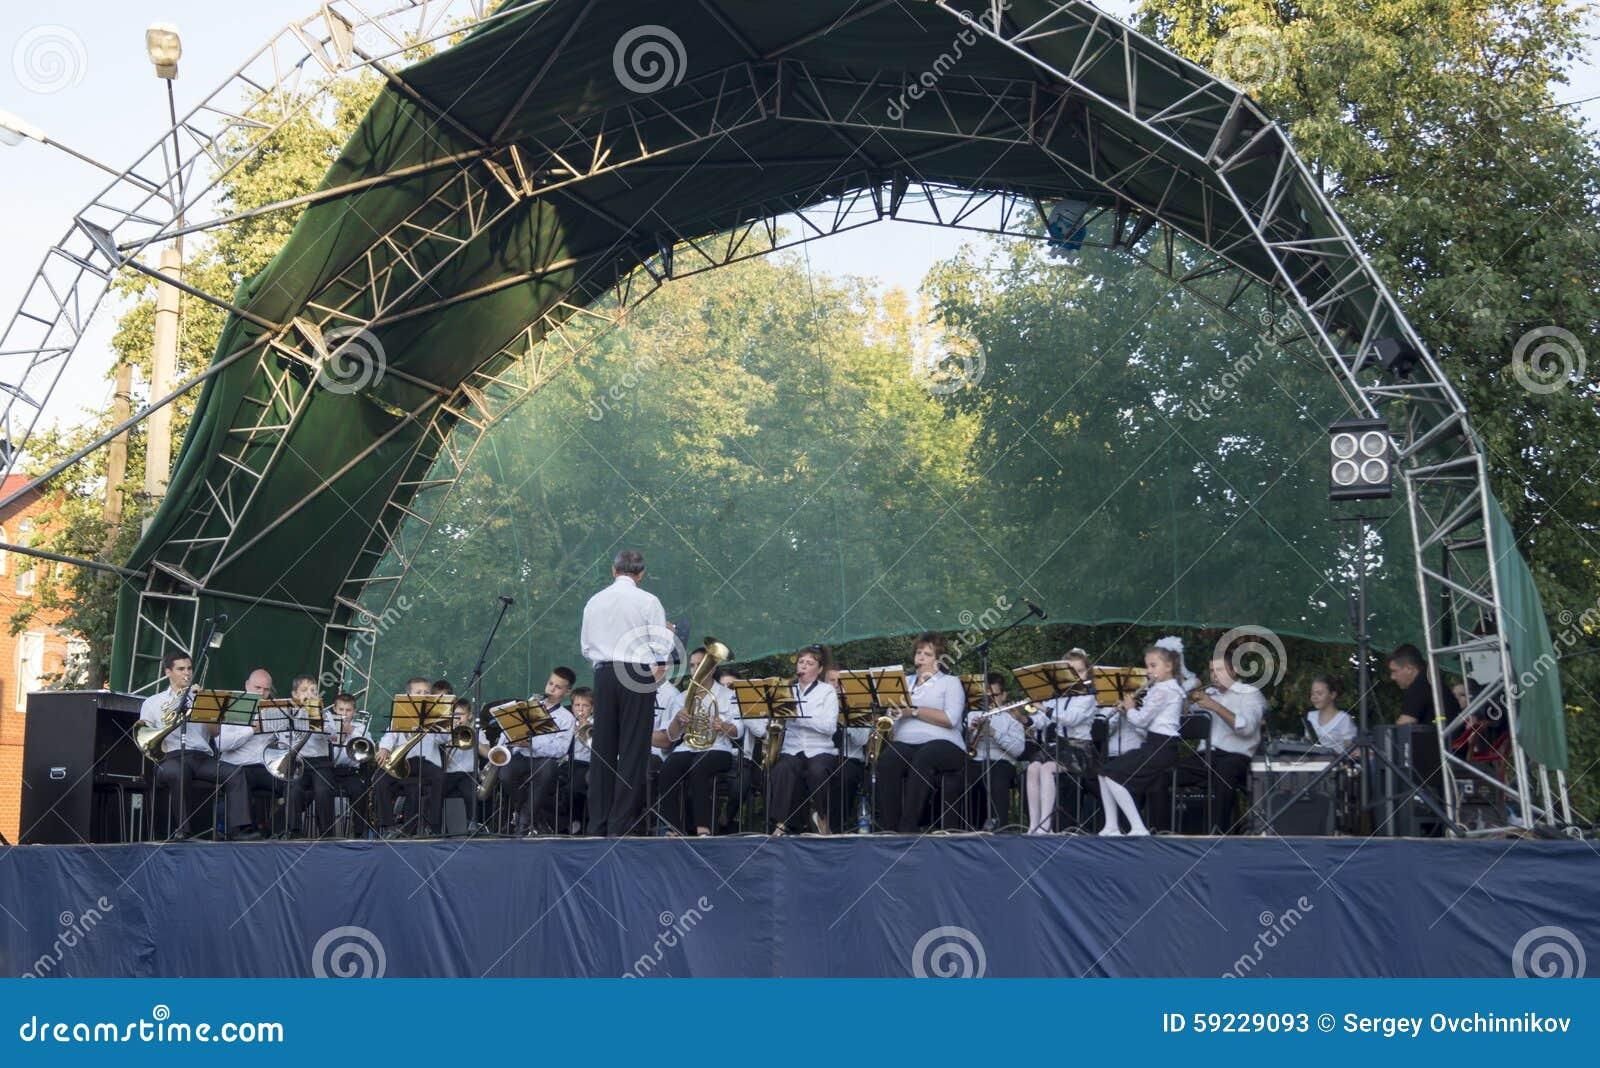 Download Mstera, Rusia-agosto 8,2015: Juegos Del Músico De La Orquesta En Escena Abierta Foto de archivo editorial - Imagen de rusia, marco: 59229093